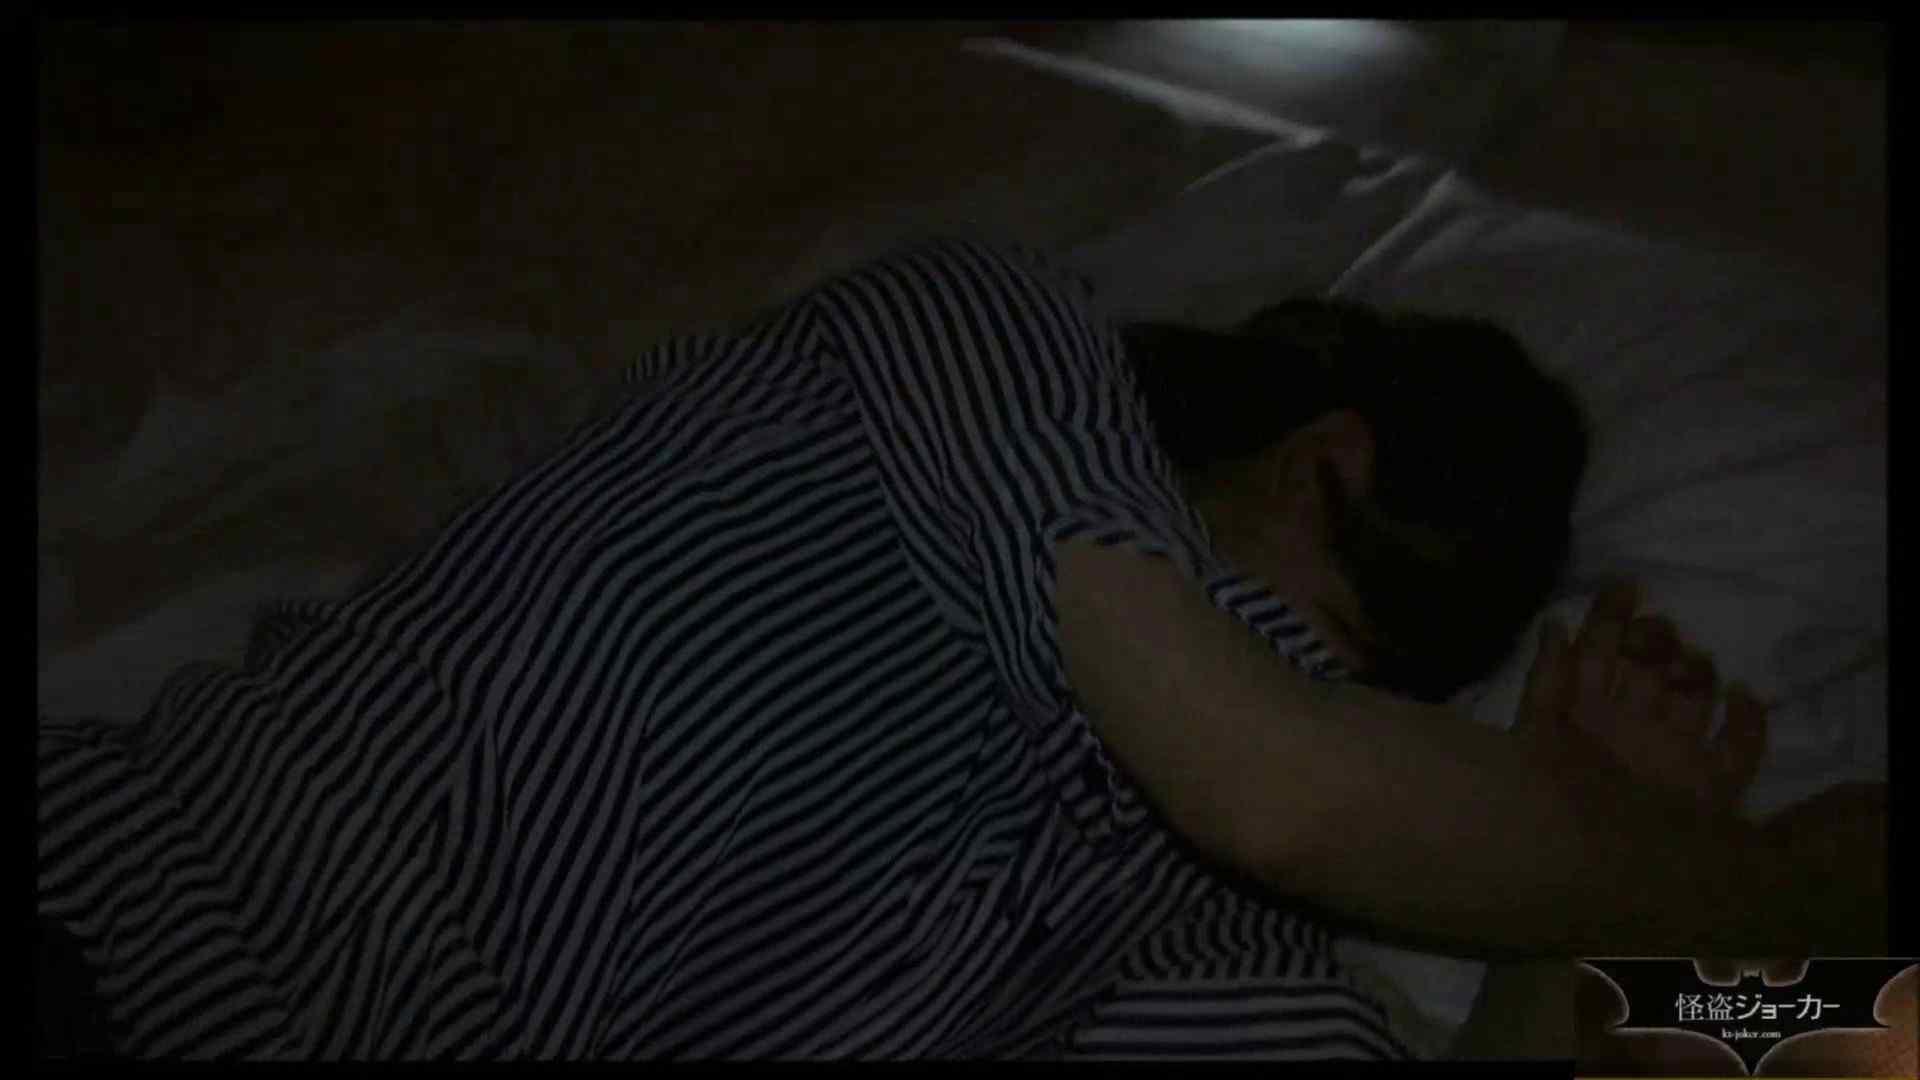 【未公開】vol.65 {黒髪美少女18歳}AIちゃん、連れ込み悪戯③ 美少女 | 車  65PIX 29